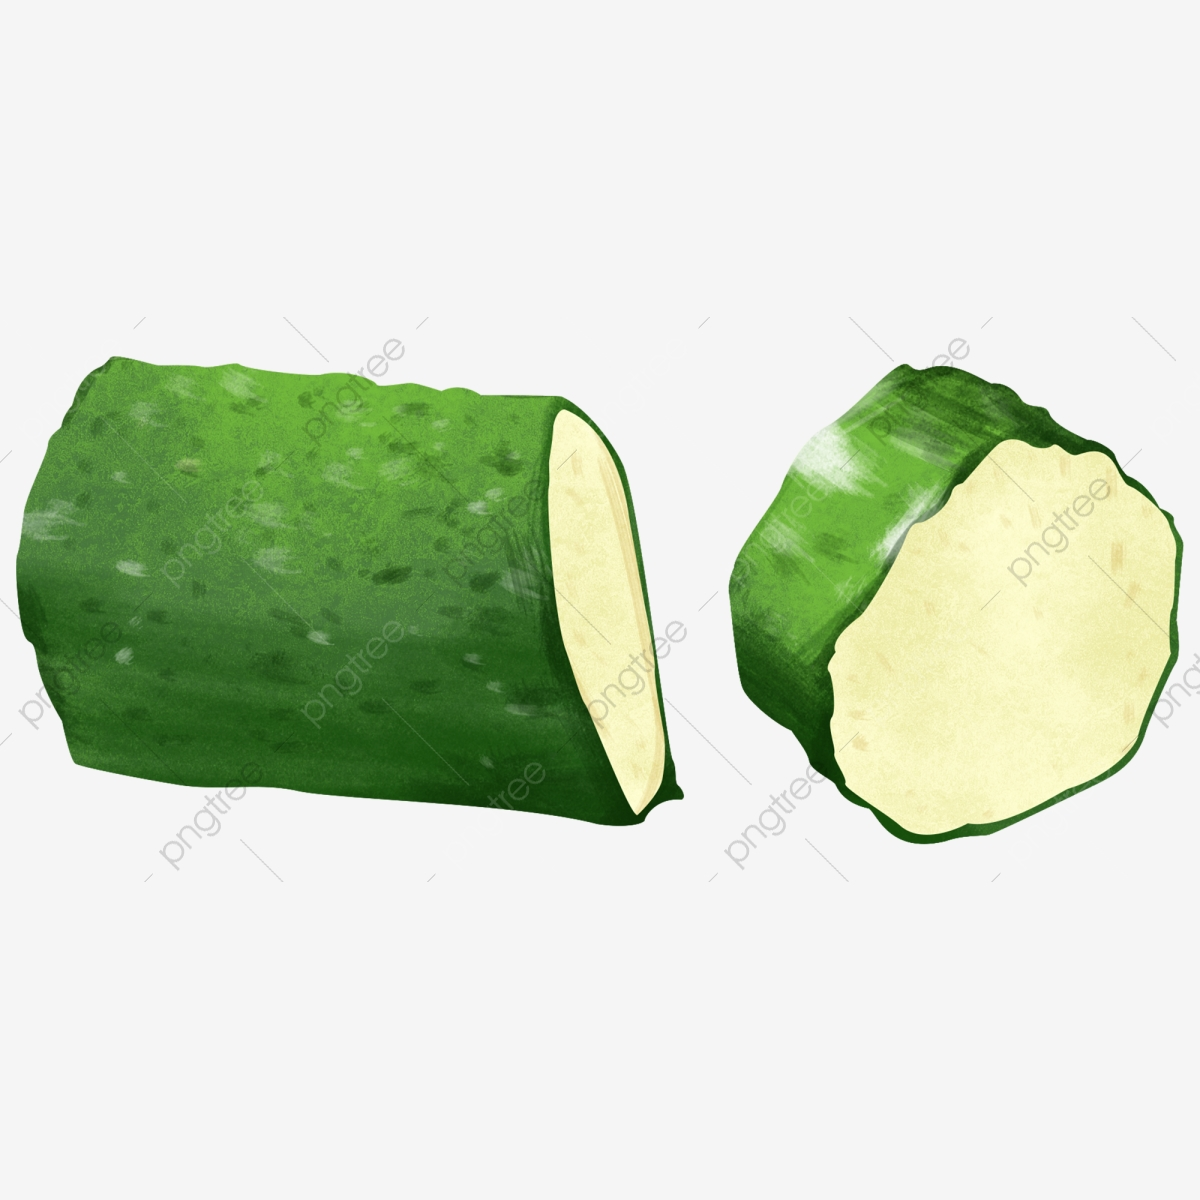 グリーン きゅうり きゅうり 野菜 カットグリーンキュウリキュウリ野菜